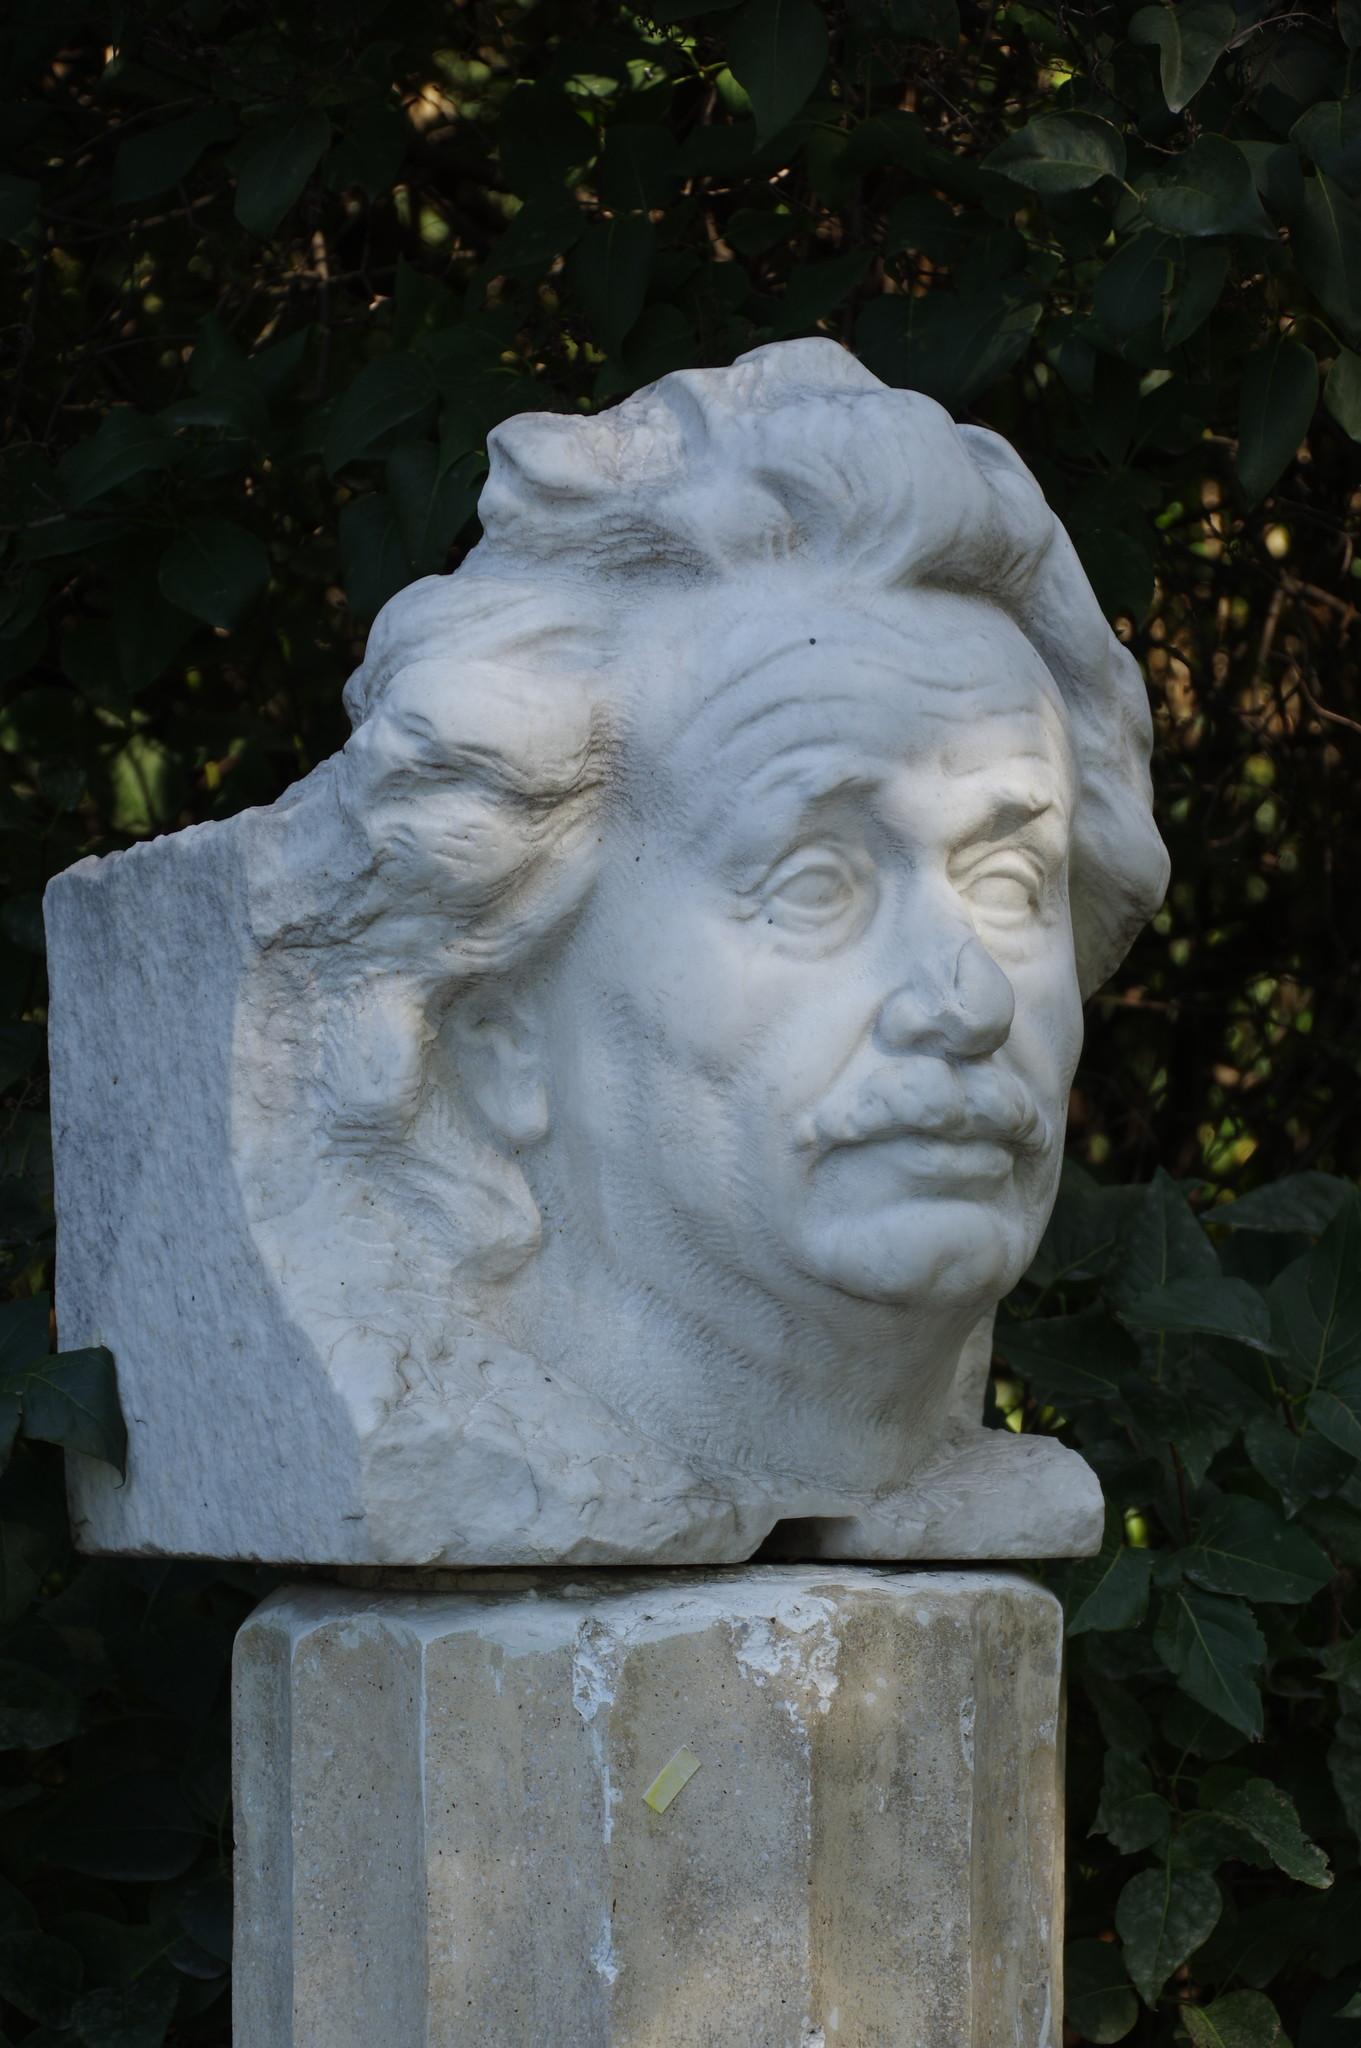 Портрет Альберта Эйнштейна. Виленский З.М. 1979 г. Мрамор. Парк искусств «Музеон»